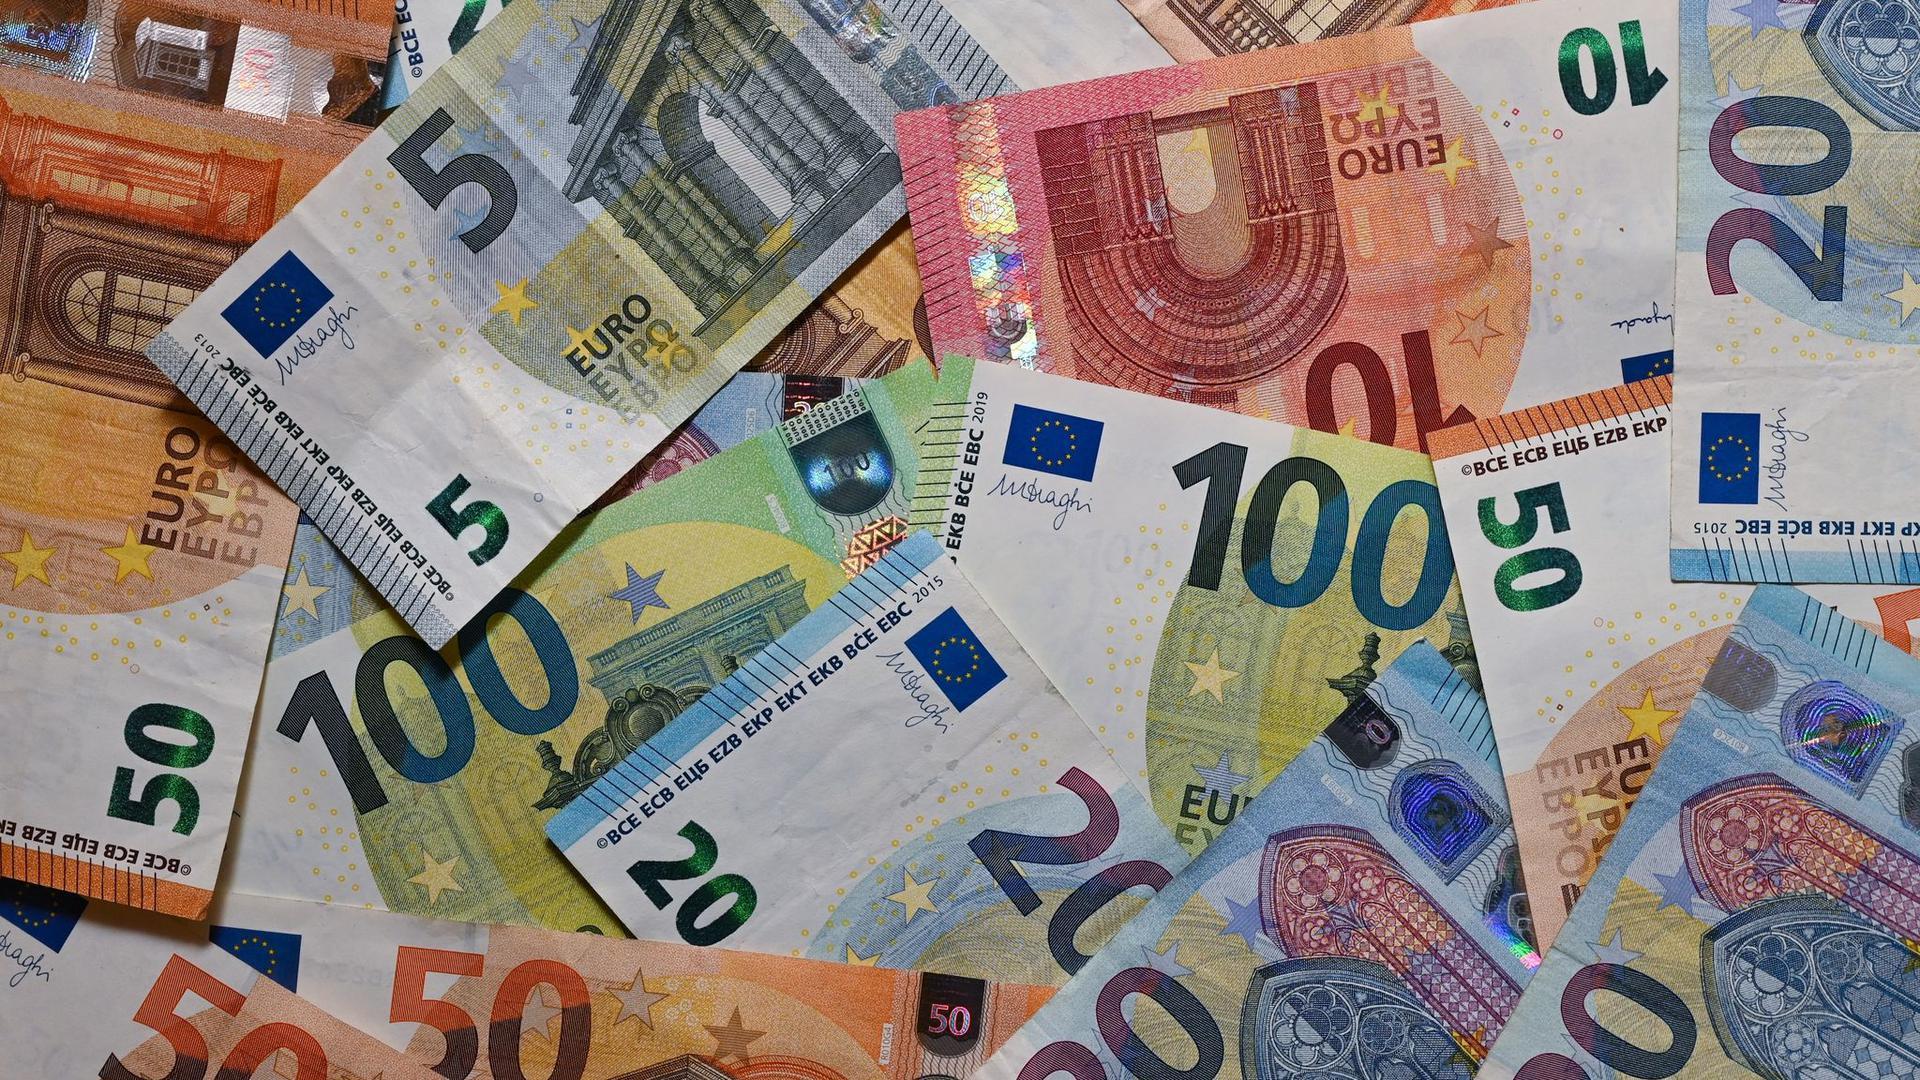 Eurobanknoten liegen auf einem Tisch.